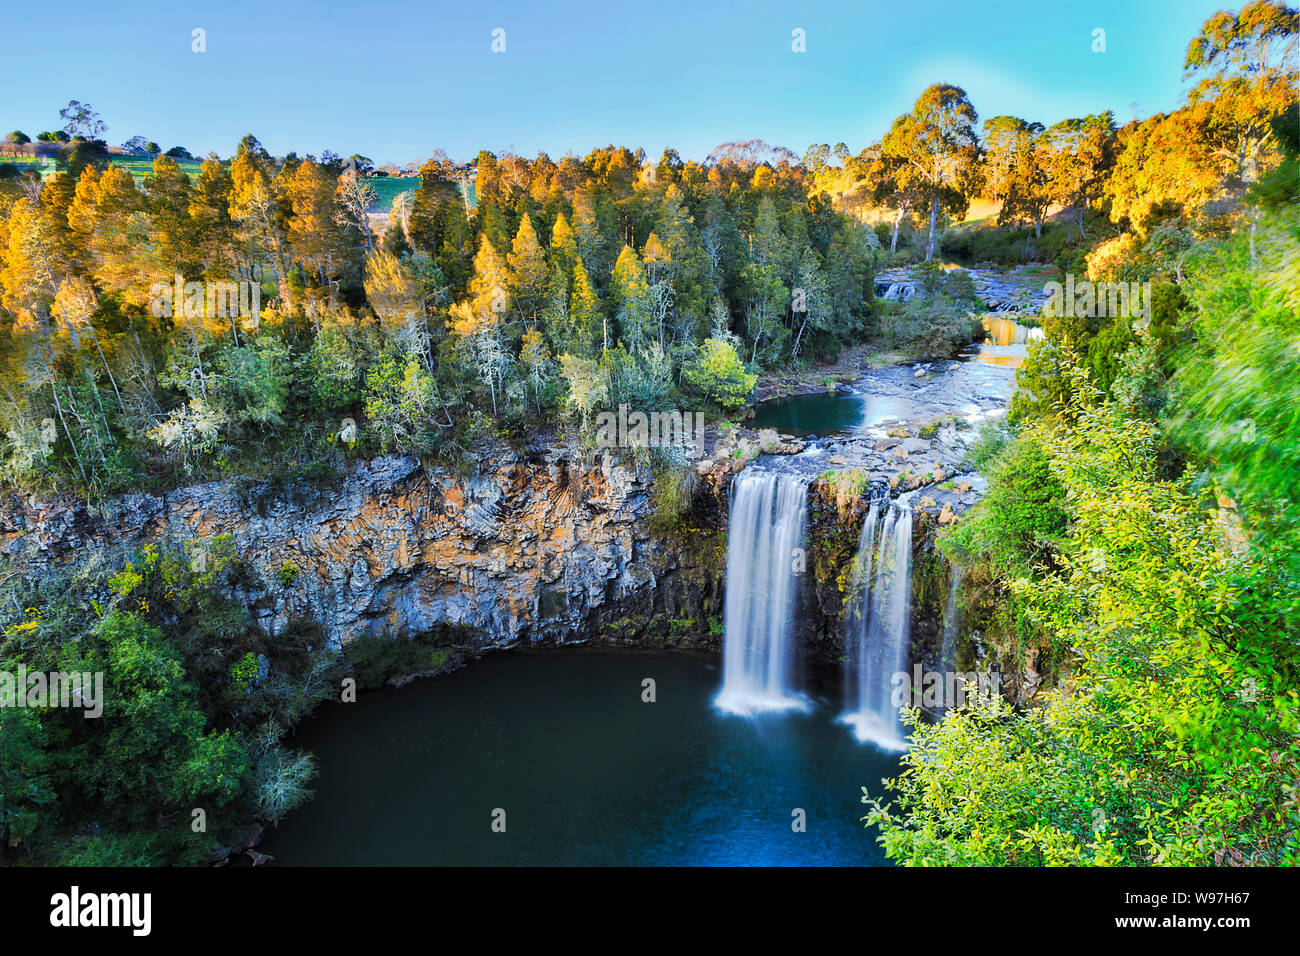 Erhöhte Blick über Dangar in Dorrigo National Park in der Nähe von dorrigo Stadt fällt im Morgen, weiches Licht mit sanften Wasserstrahl, der Pool Cu bis Rock Stockfoto